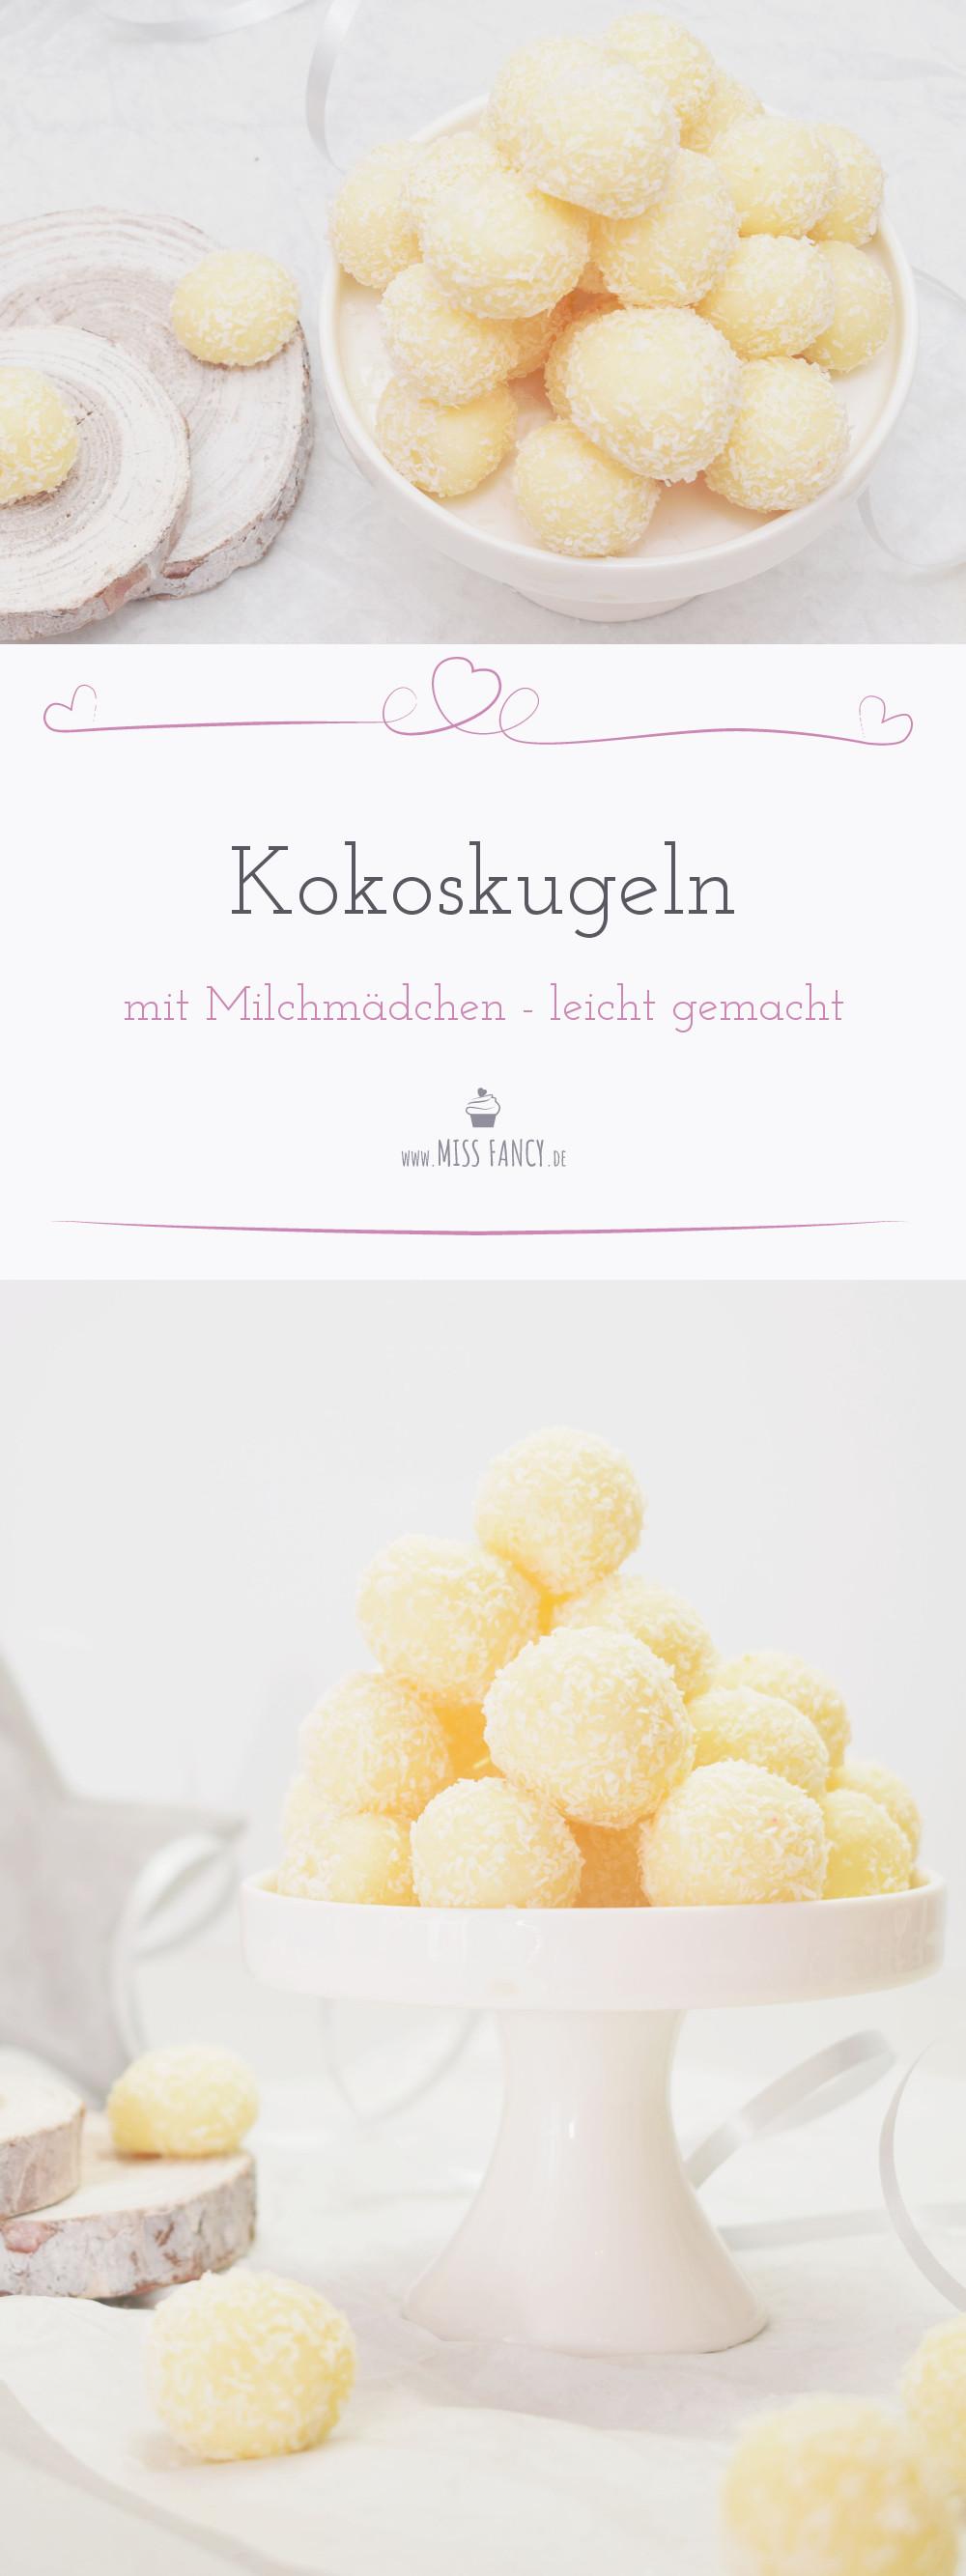 https://www.missfancy.de/rezept-kokoskugeln-leicht-gemacht